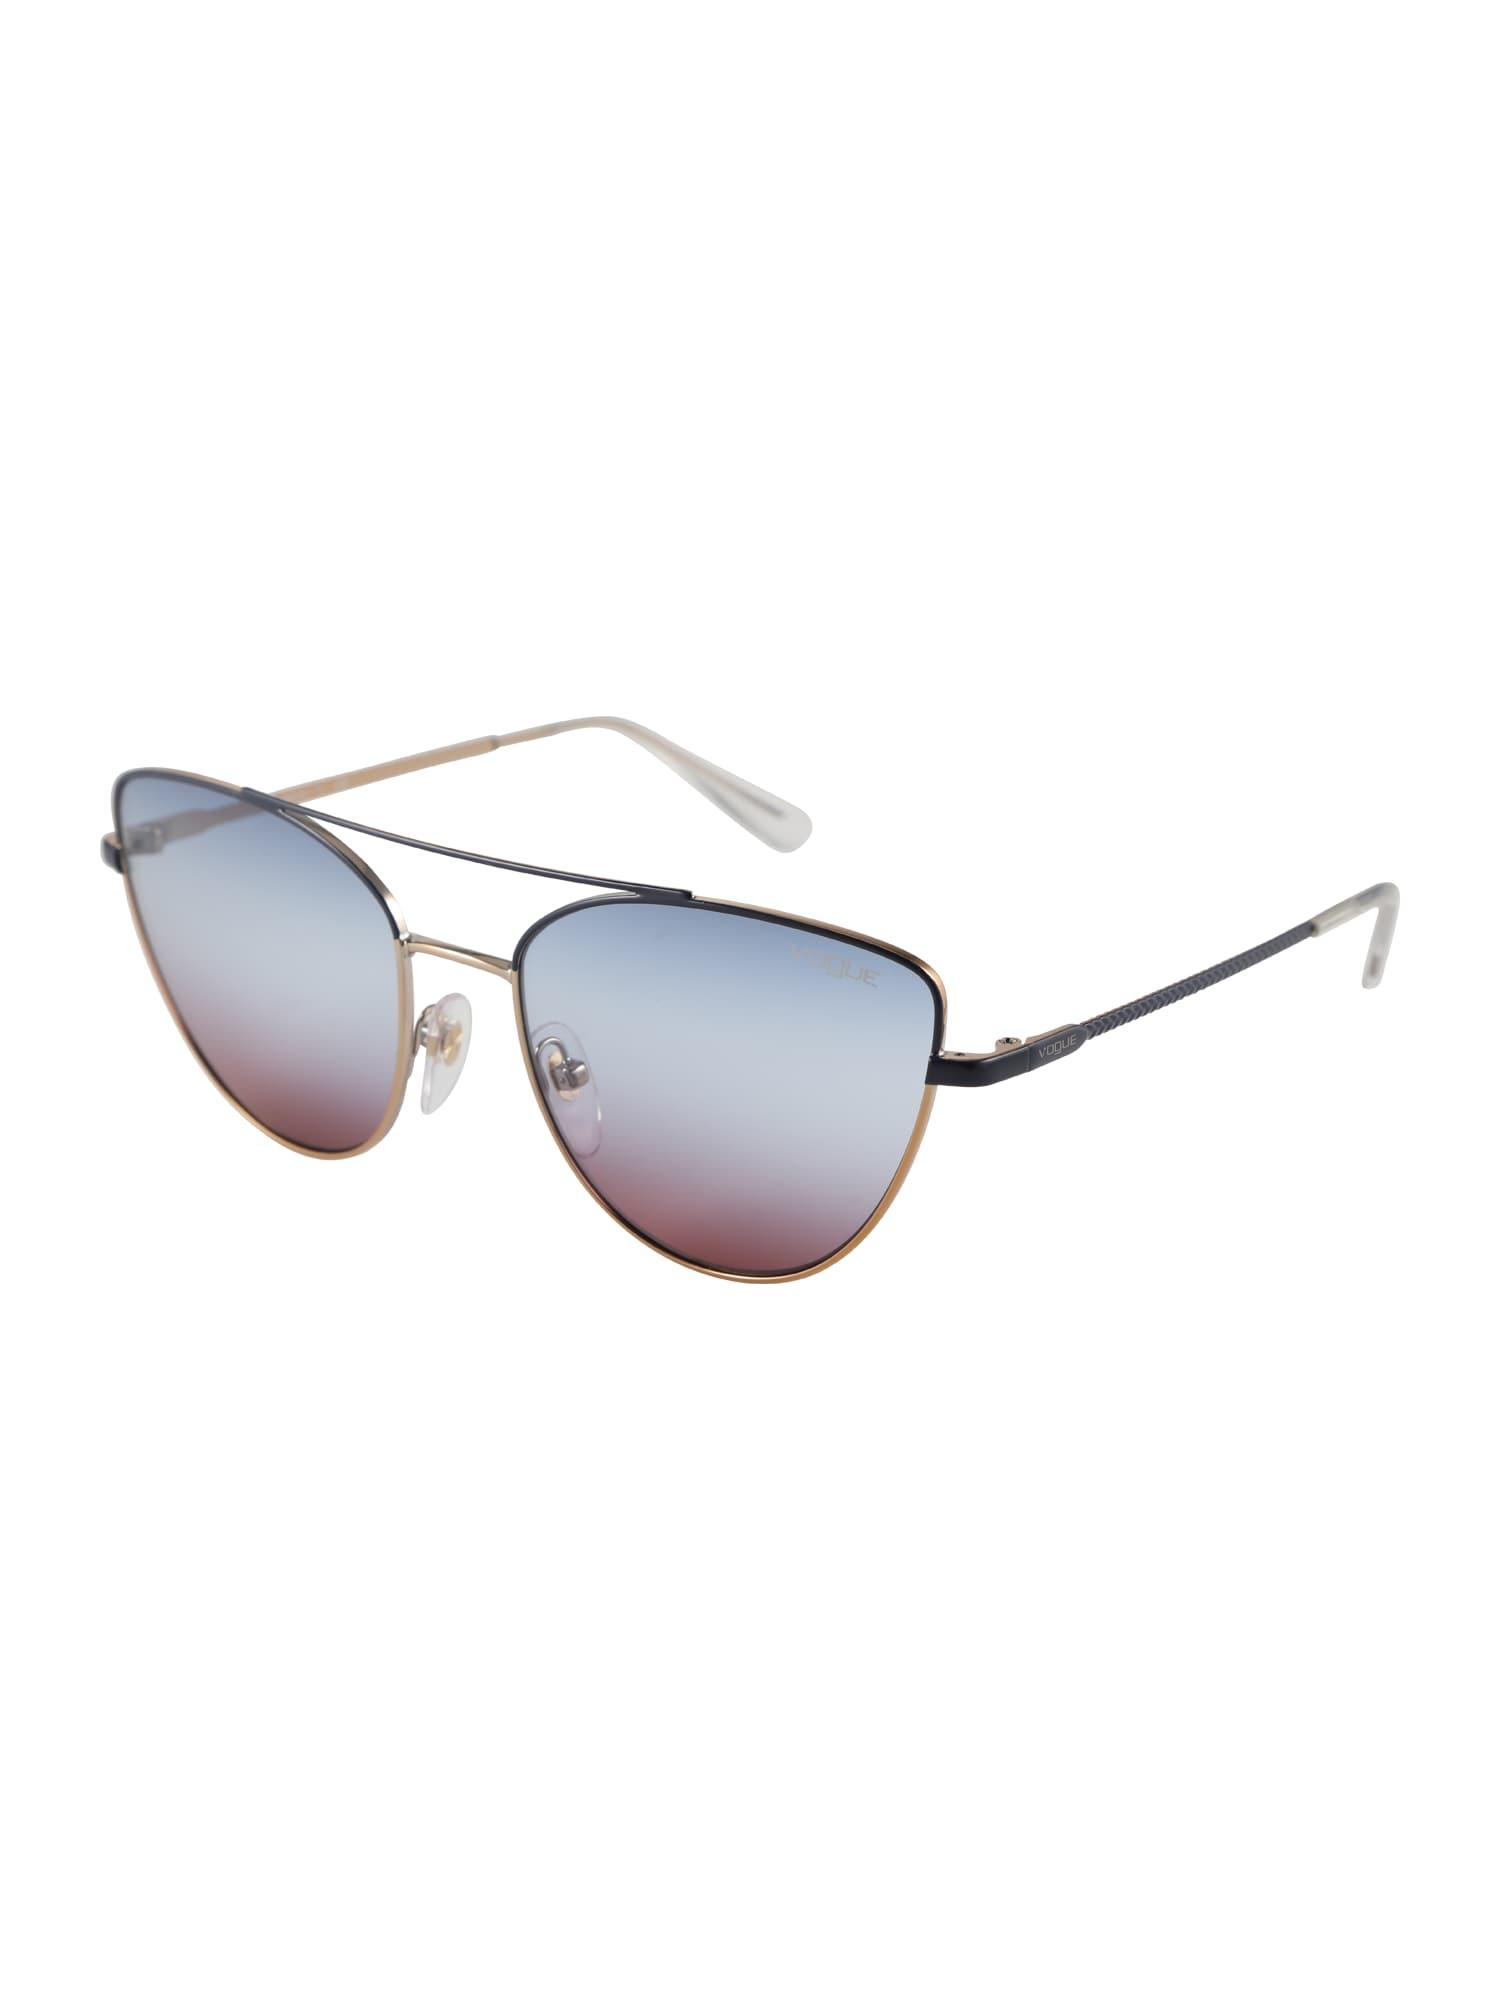 Sonnenbrille | Accessoires > Sonnenbrillen | VOGUE Eyewear